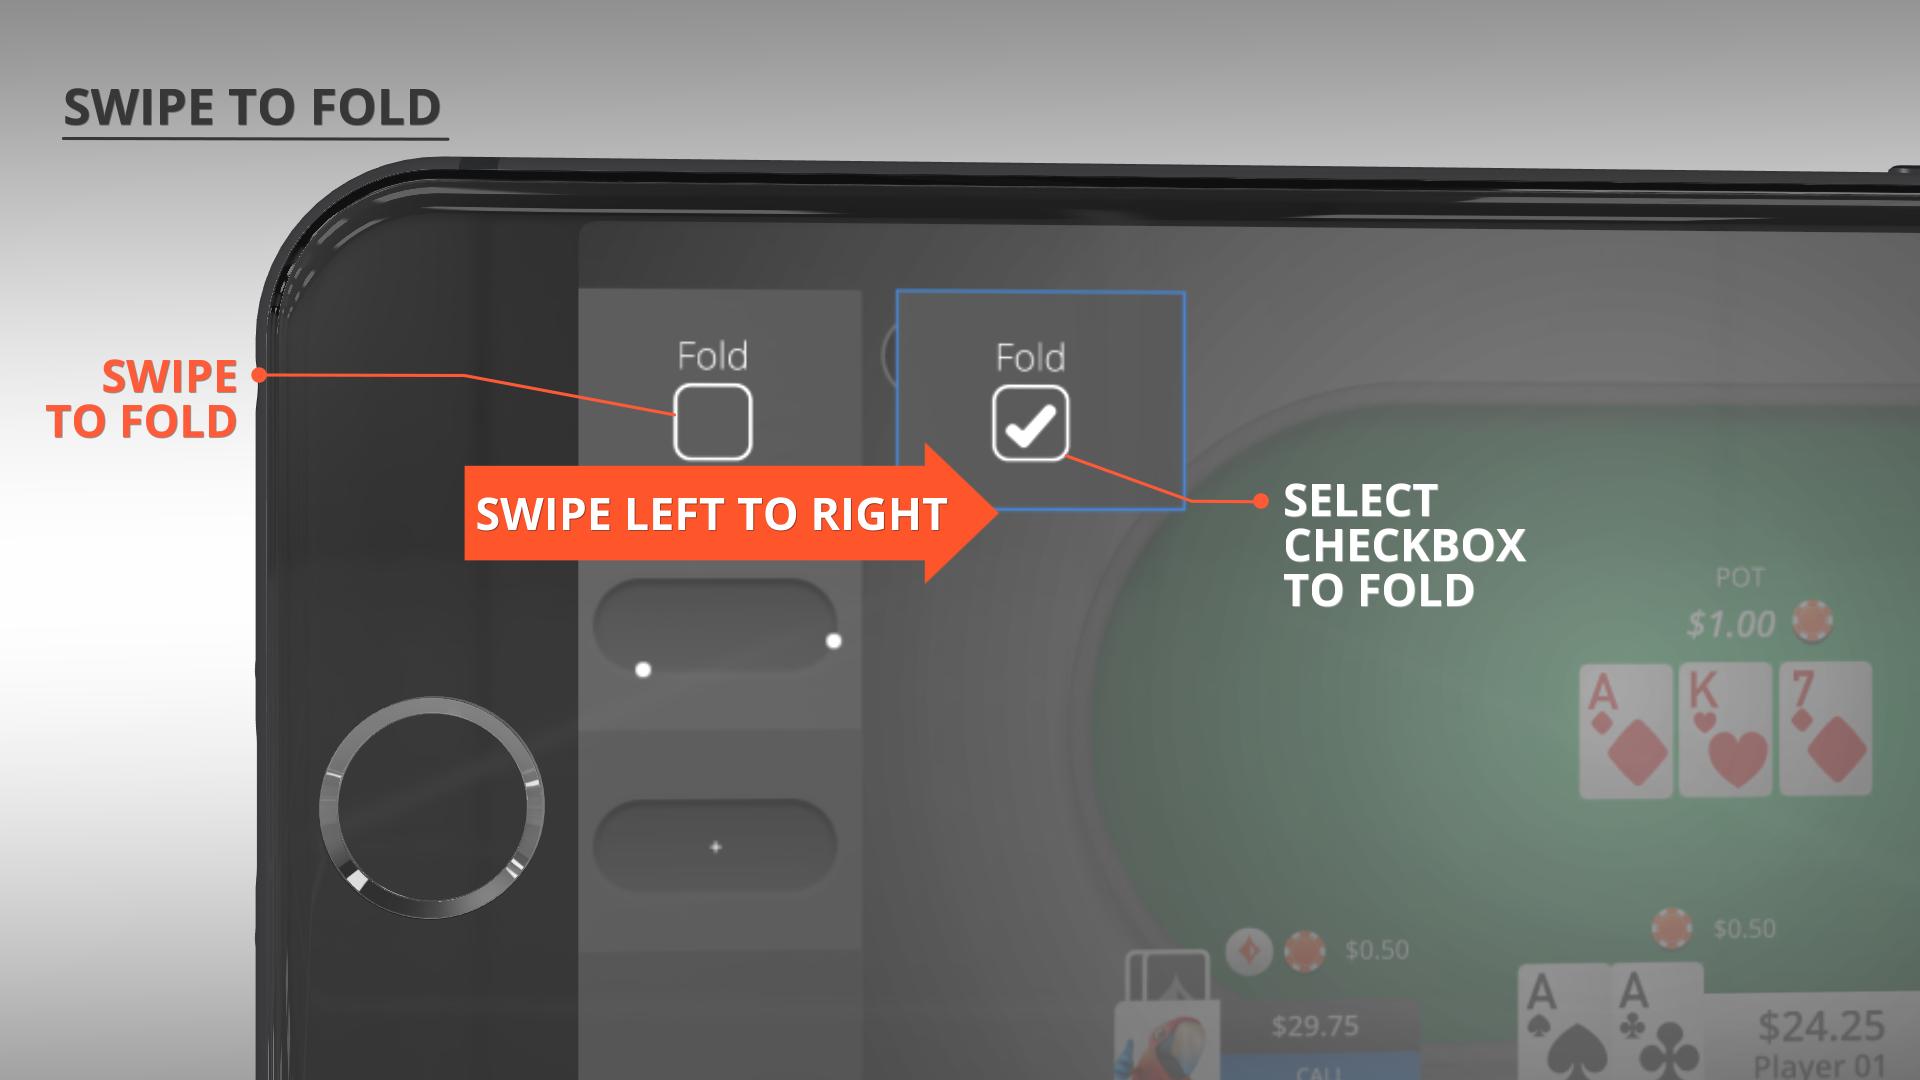 swipe-to-fold-en_US.png